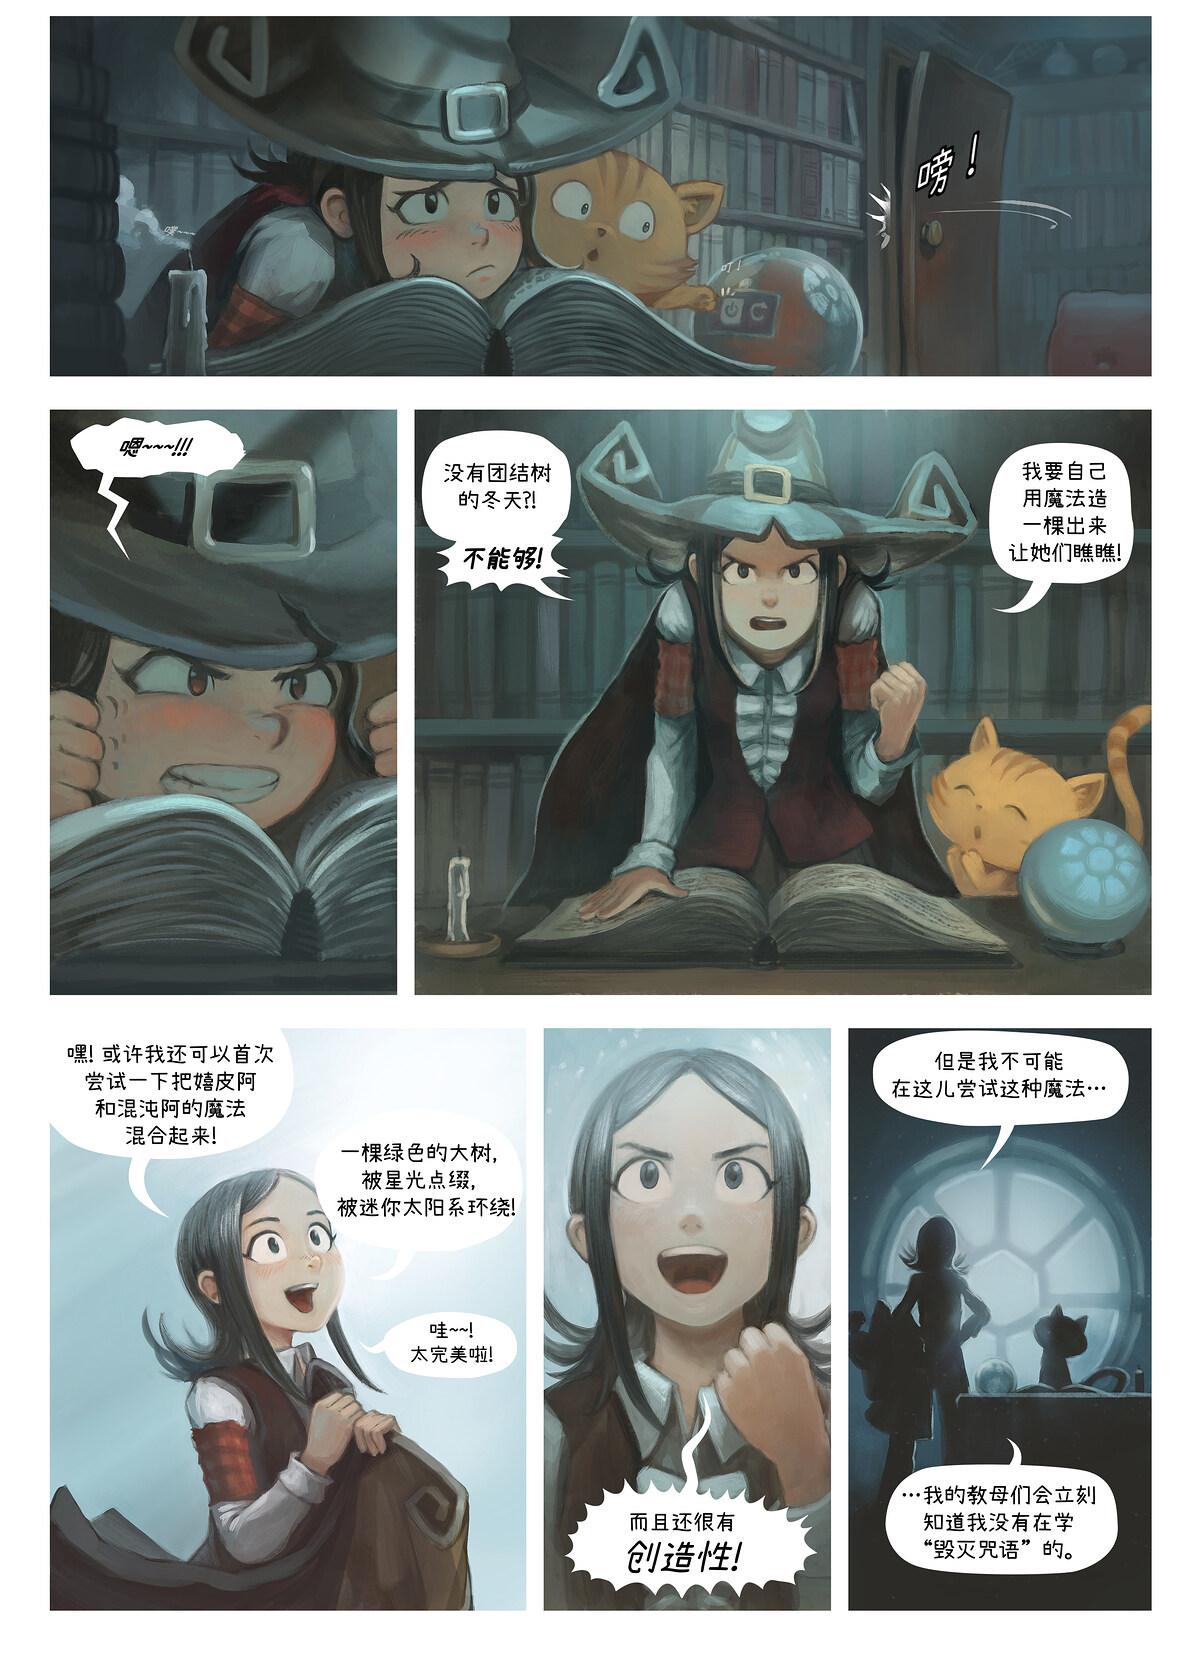 第24集:团结树, Page 2